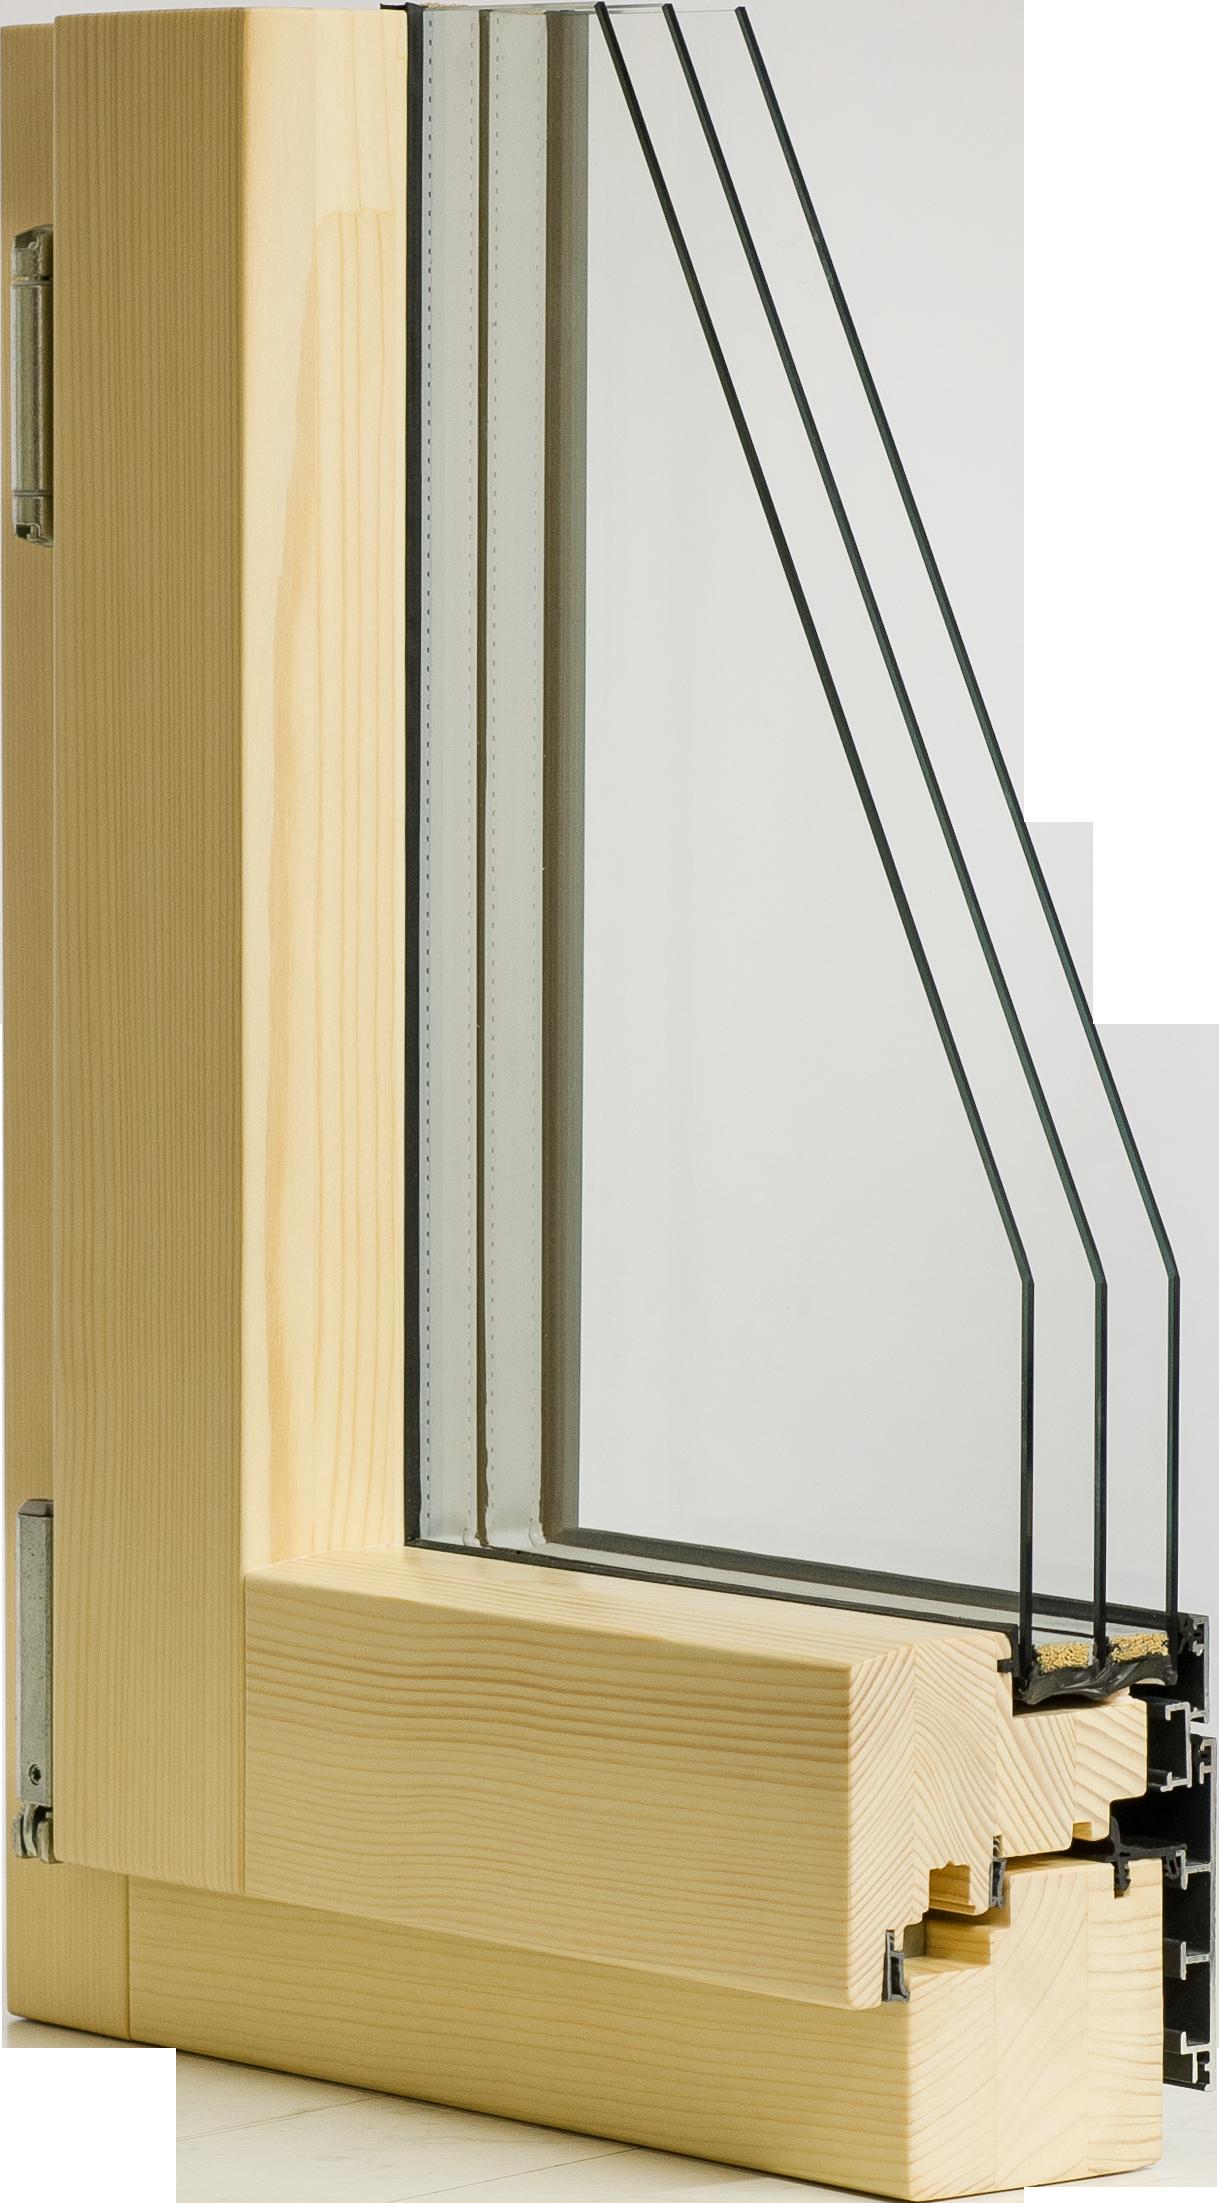 Full Size of Fenster 3 Fach Verglasung Schallschutzklasse Kunststoff 3 Fach Preis Verglast Kosten 2 Oder Altbau Verglaste Schallschutz Nachteile Holz Alu Kaufen Im Preise Fenster Fenster 3 Fach Verglasung